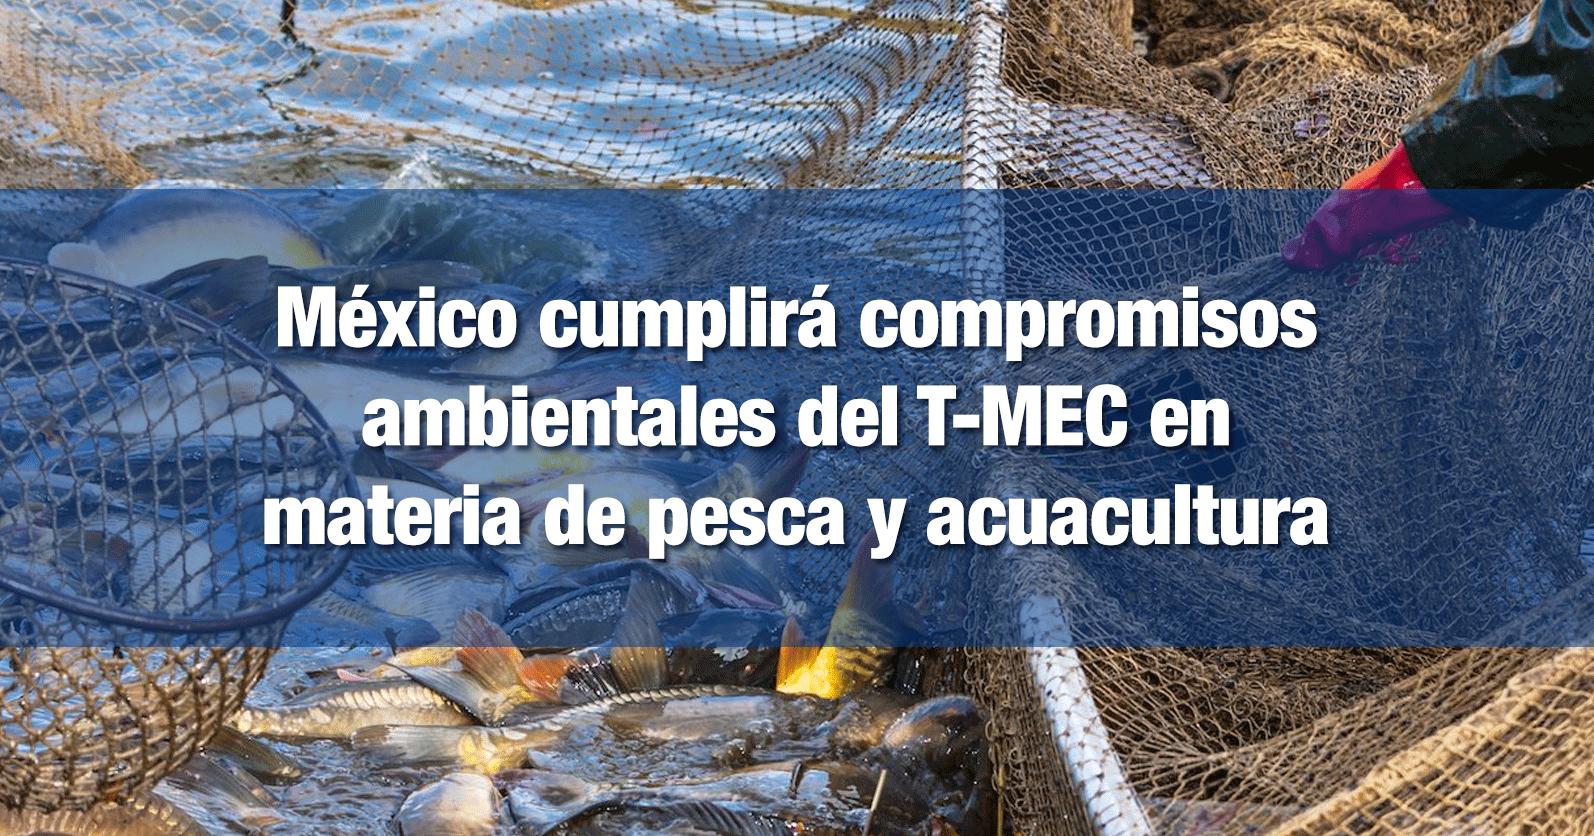 México cumplirá compromisos ambientales del T-MEC en materia de pesca y acuacultura